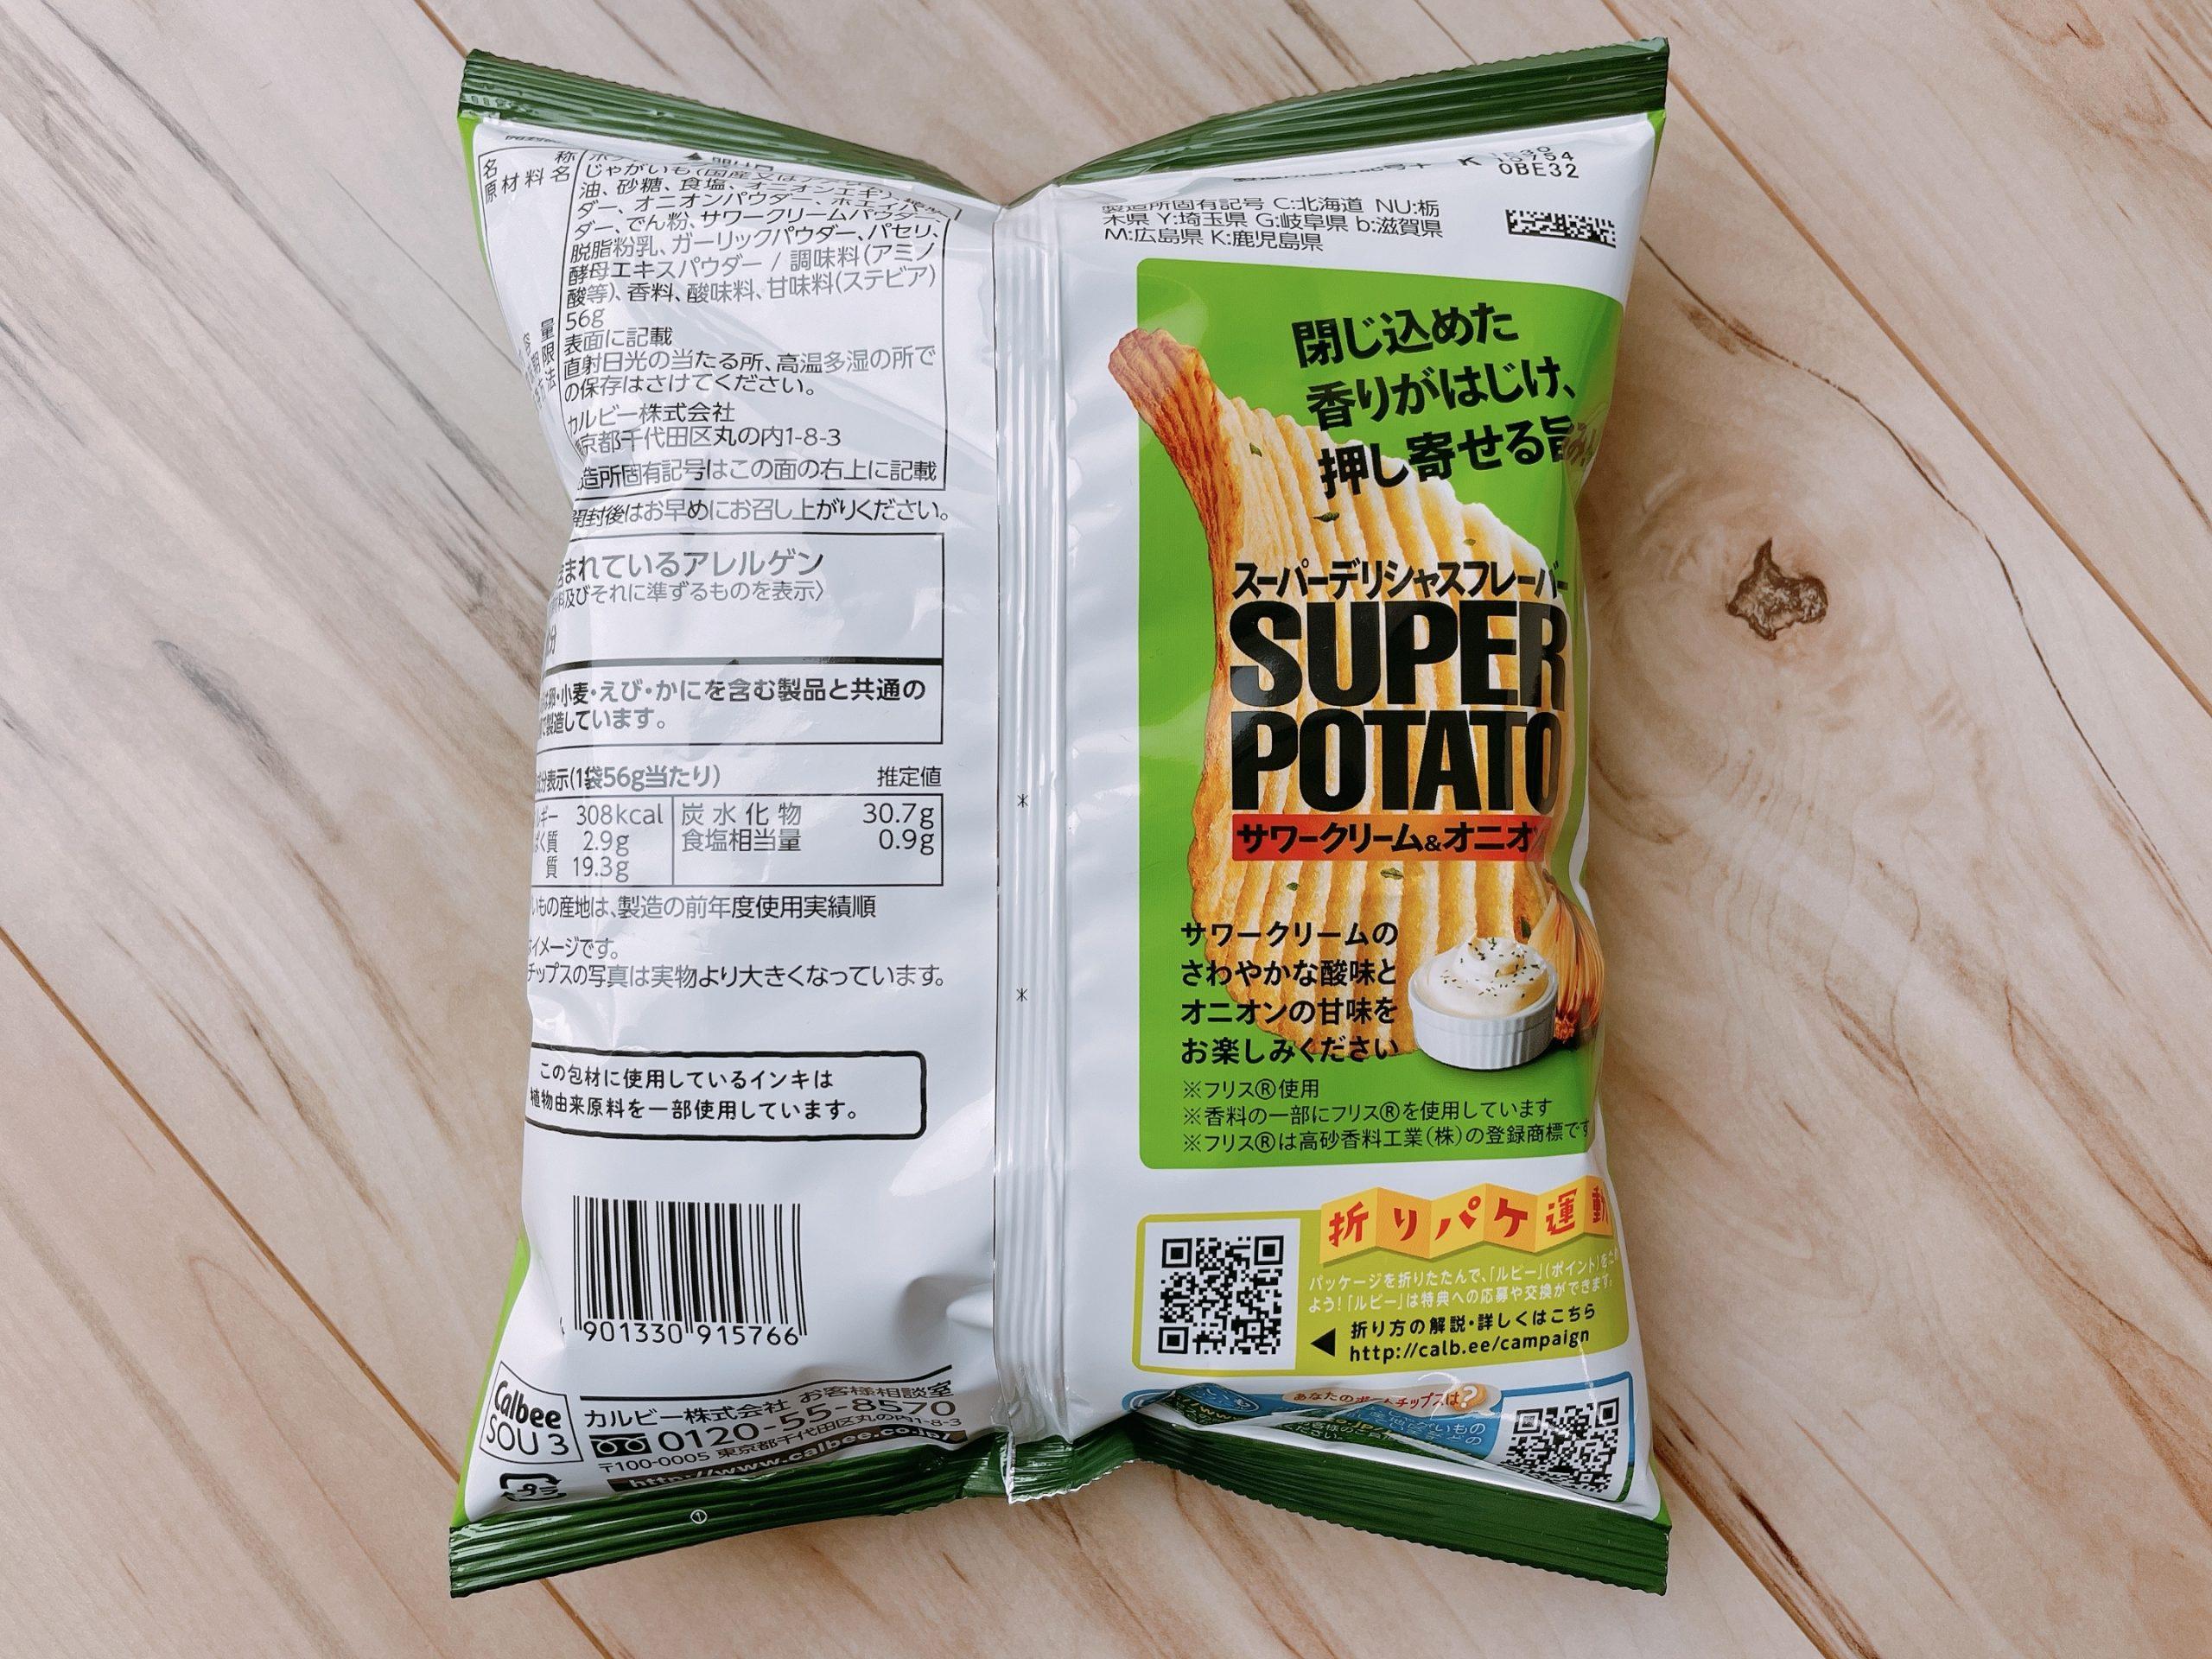 スーパーポテト<サワークリーム&オニオン味>の原材料やカロリーなど